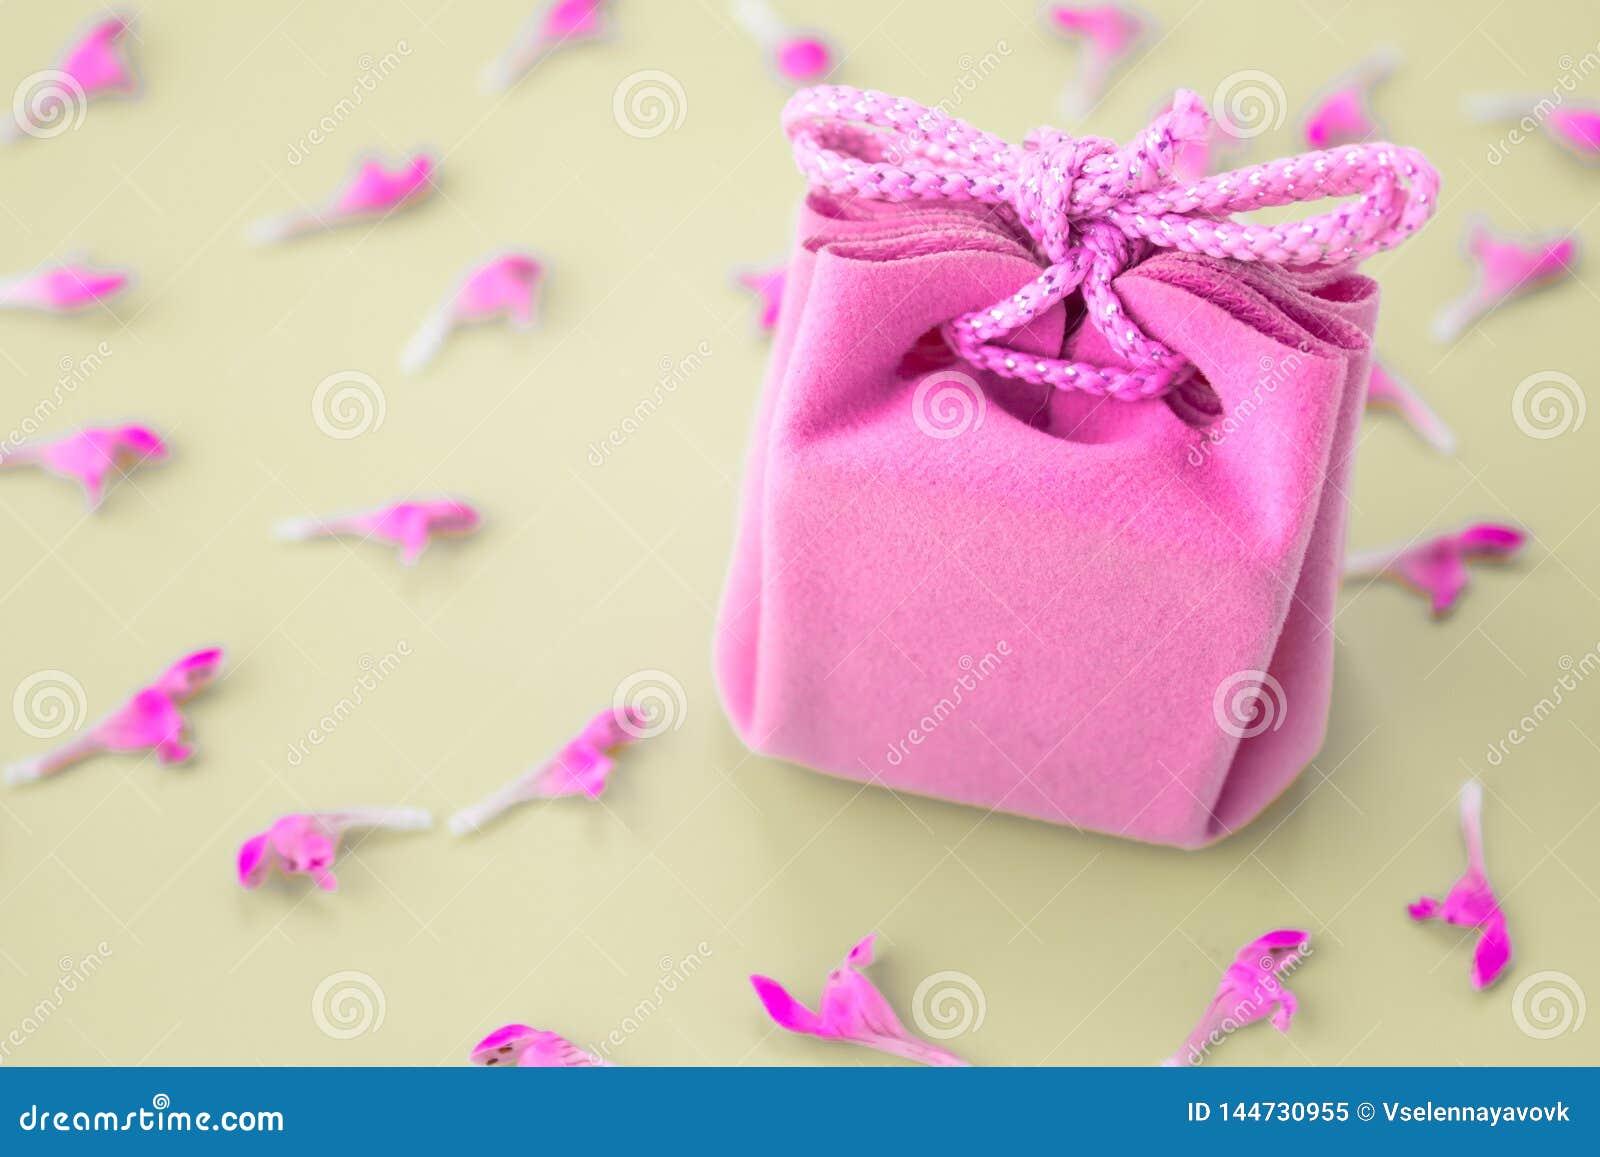 Różowa prezent karta na szarym tle z kwiatami Piękny delikatny prezent